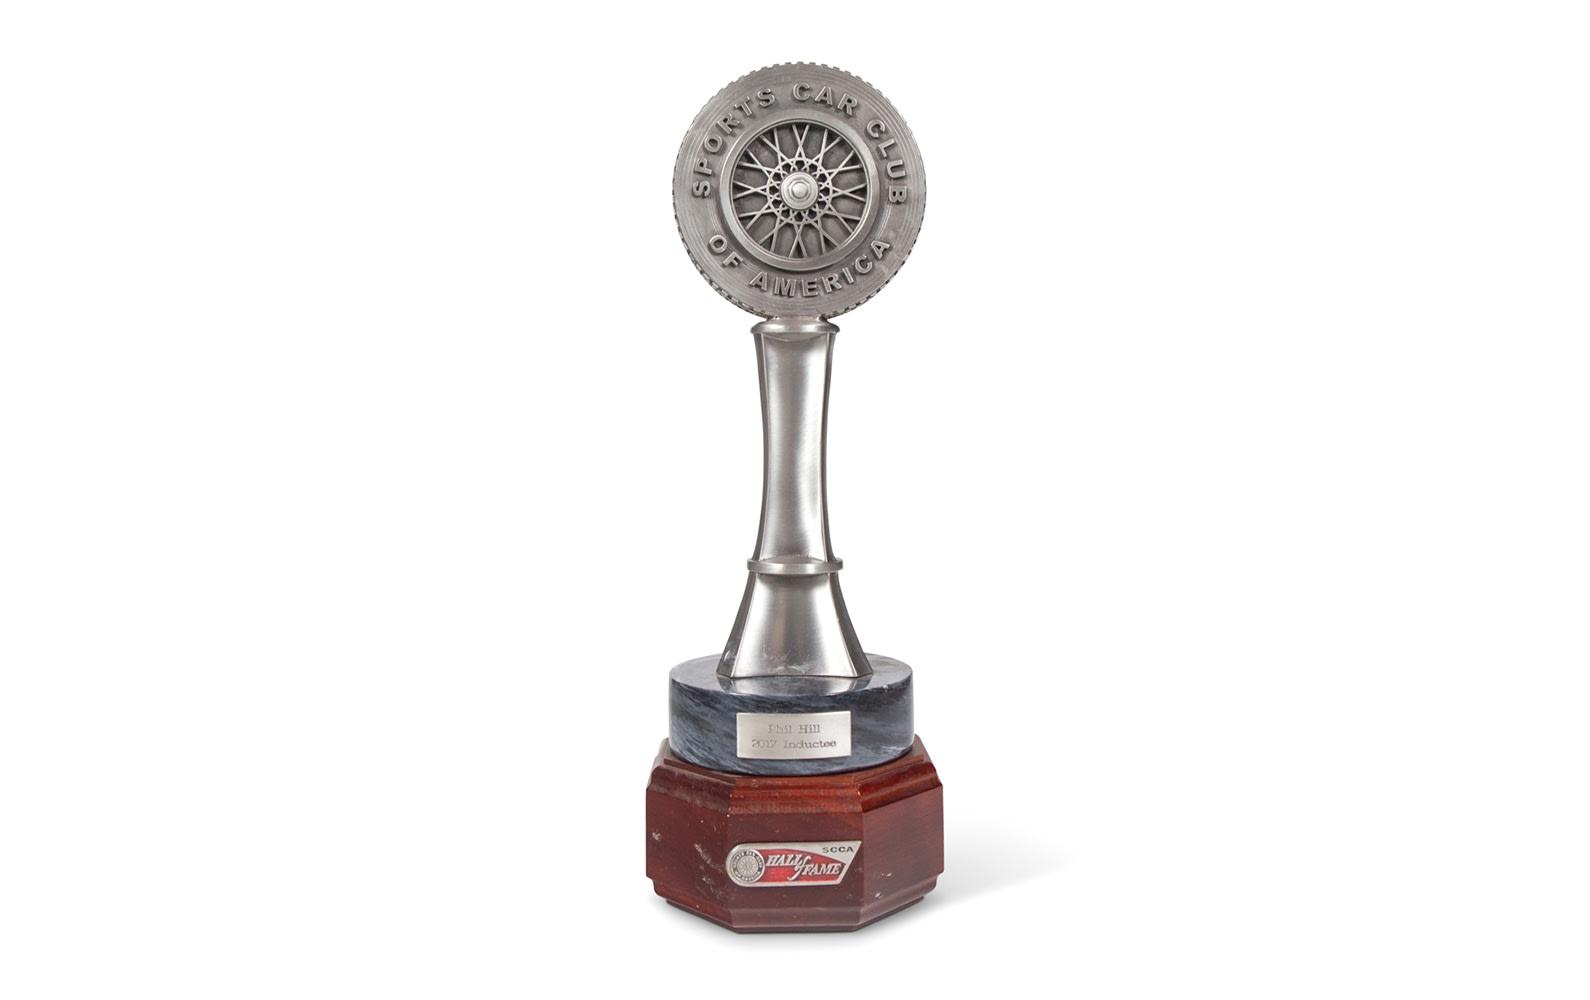 2017 SCCA Hall of Fame Trophy